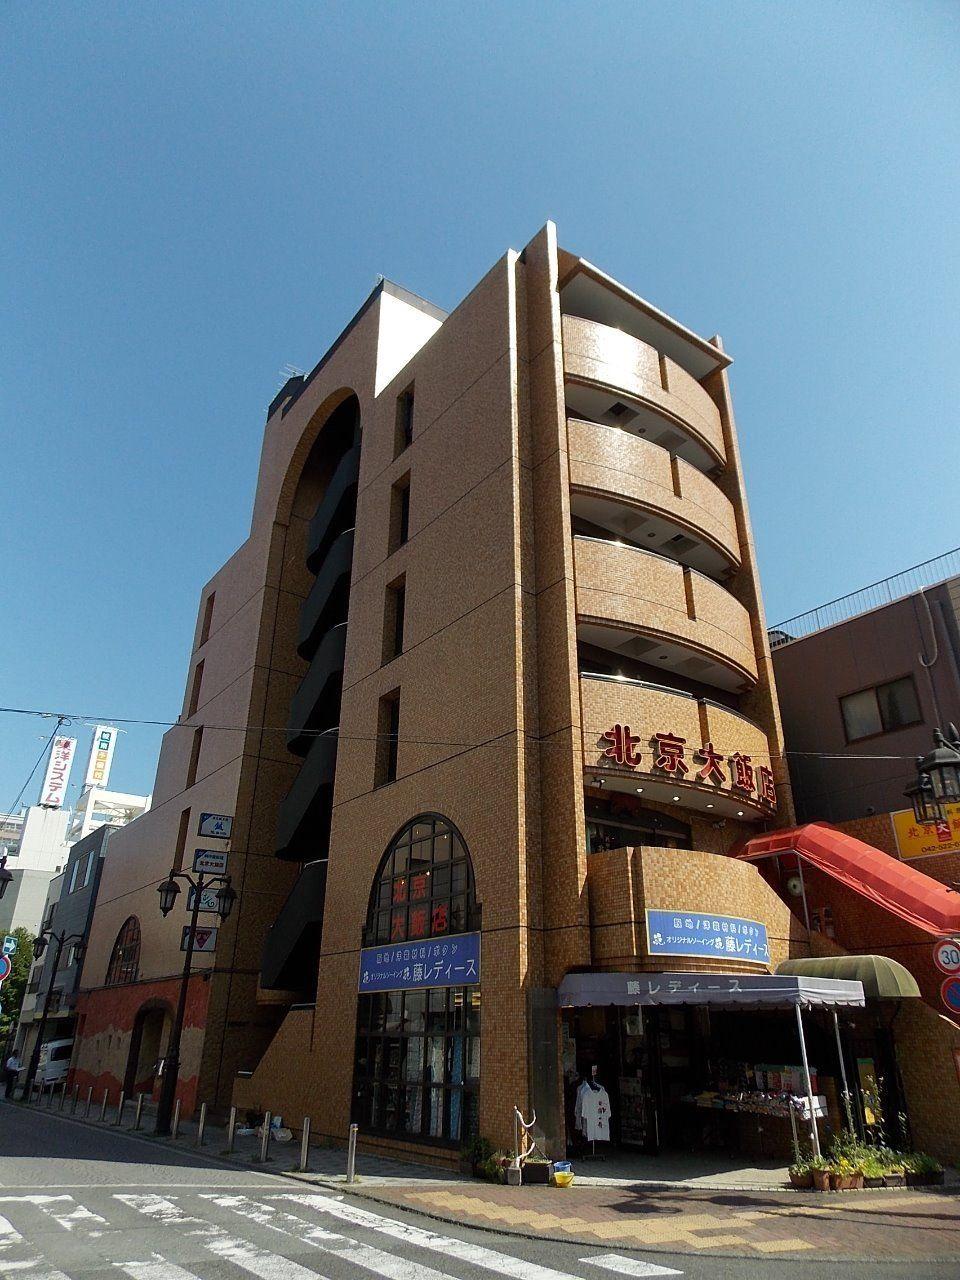 オネストヴィレッヂは立川駅に近い、賑わいのある場所に立地